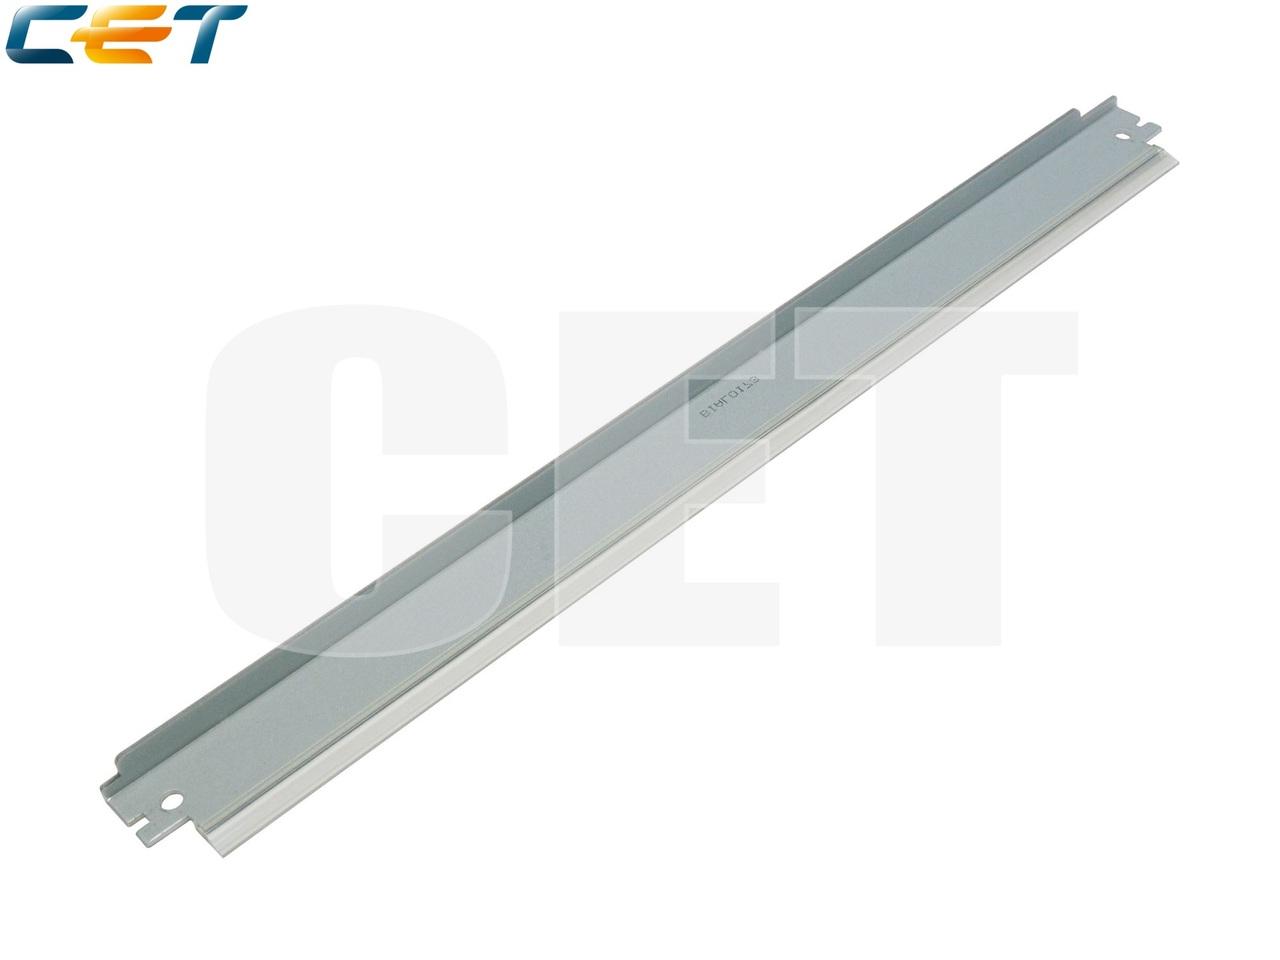 Ракель для CANON iR2200/2800/3300/3320/2270/2870/3030(CET), CET4681